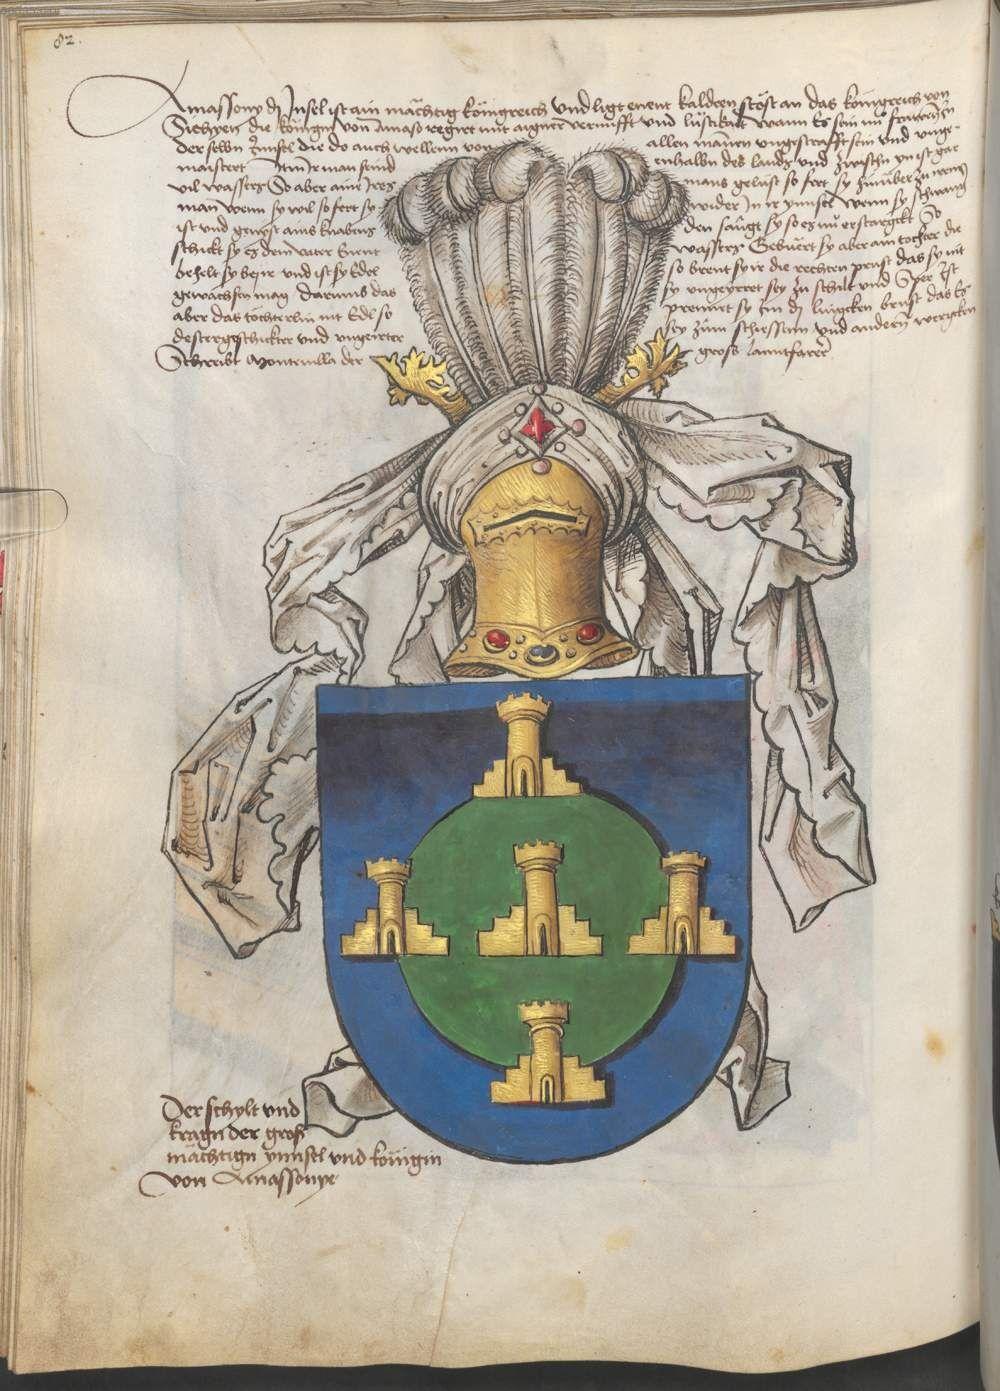 Grünenberg, Konrad: Das Wappenbuch Conrads von Grünenberg, Ritters und Bürgers zu Constanz um 1480 Cgm 145 Folio 87